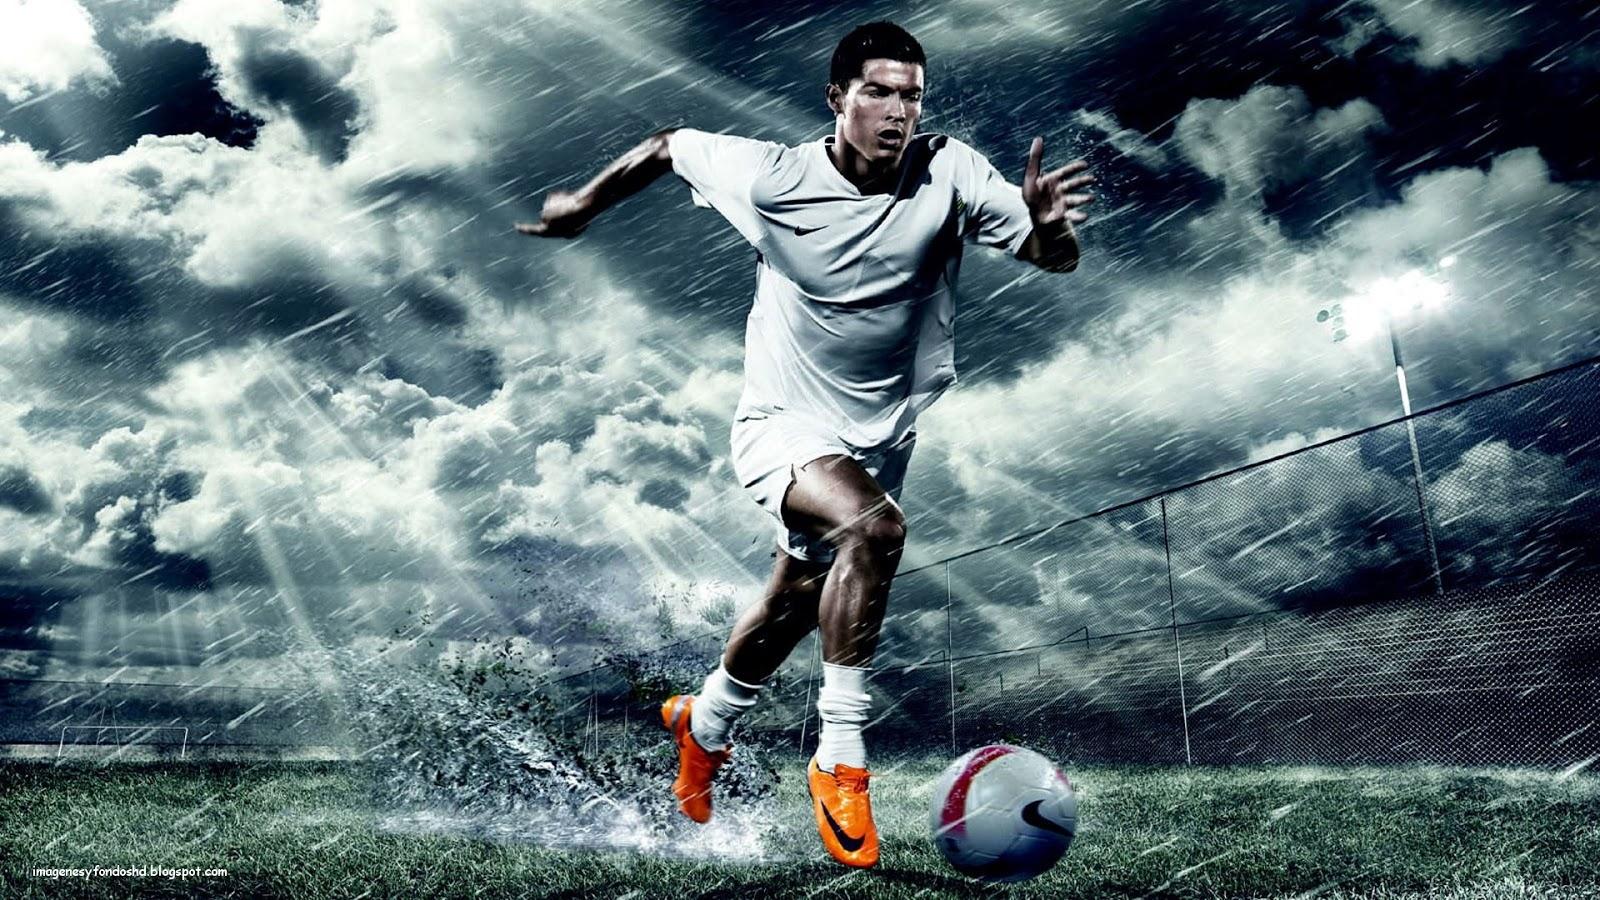 Mejores 100 Fondos De Nike: Imágenes Y Fondos HD: Cristiano Ronaldo Wallpaper